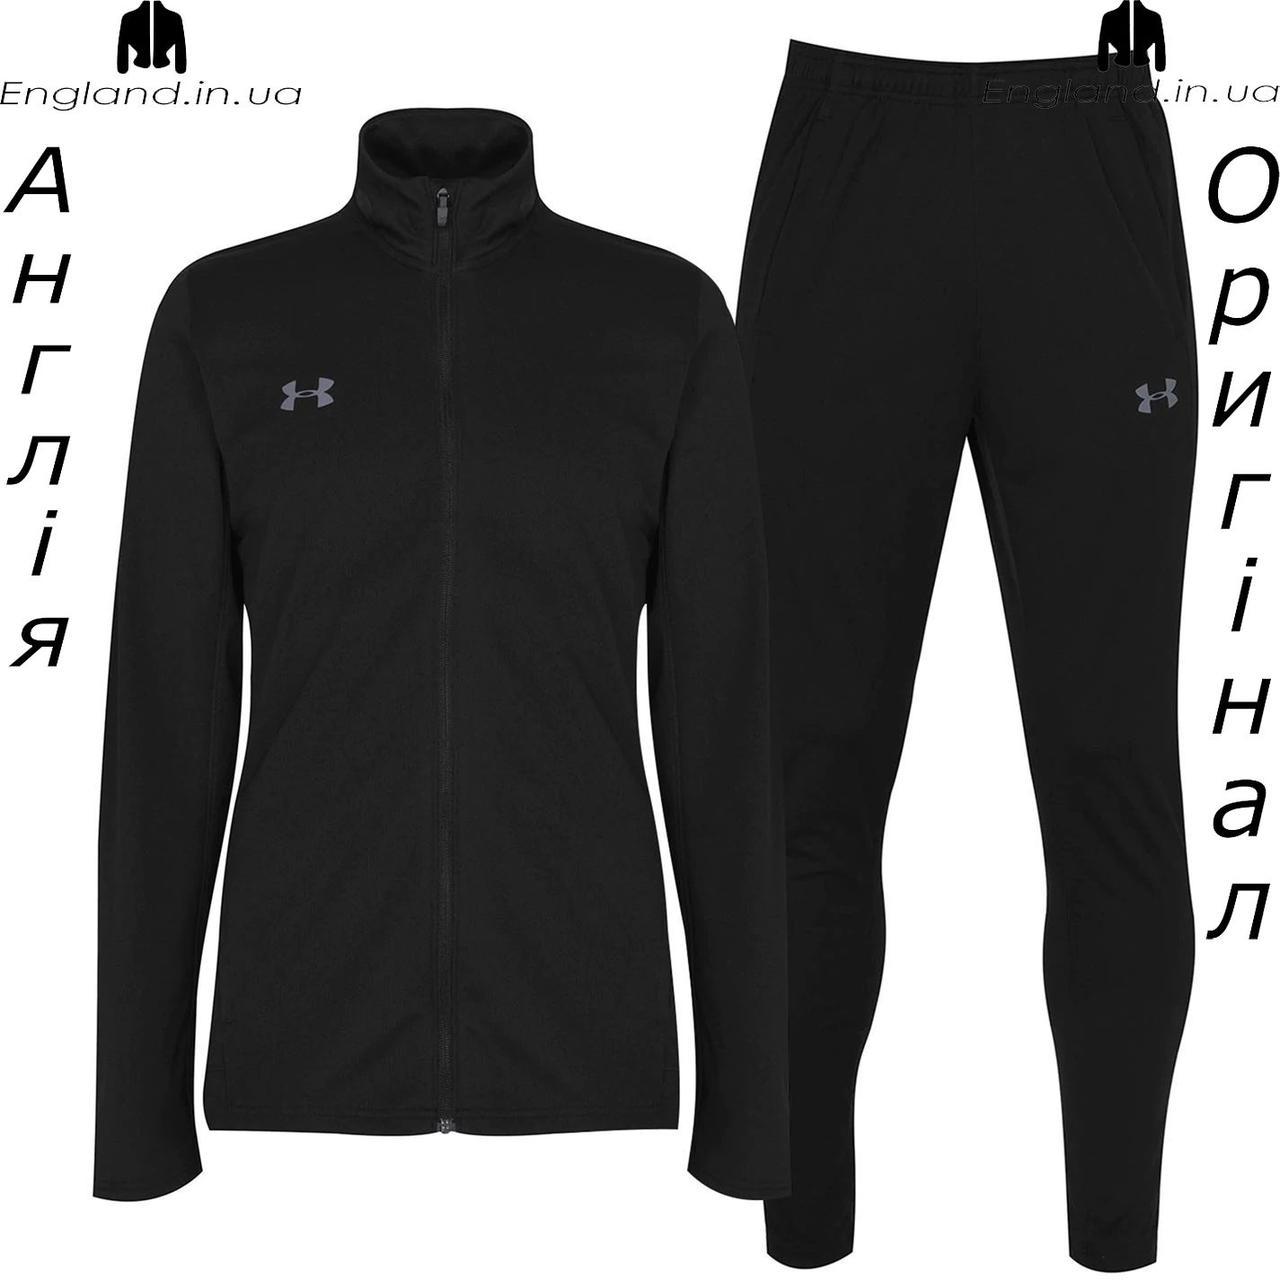 Спортивный костюм мужской Under Armour из Англии - для тренеровок и бега